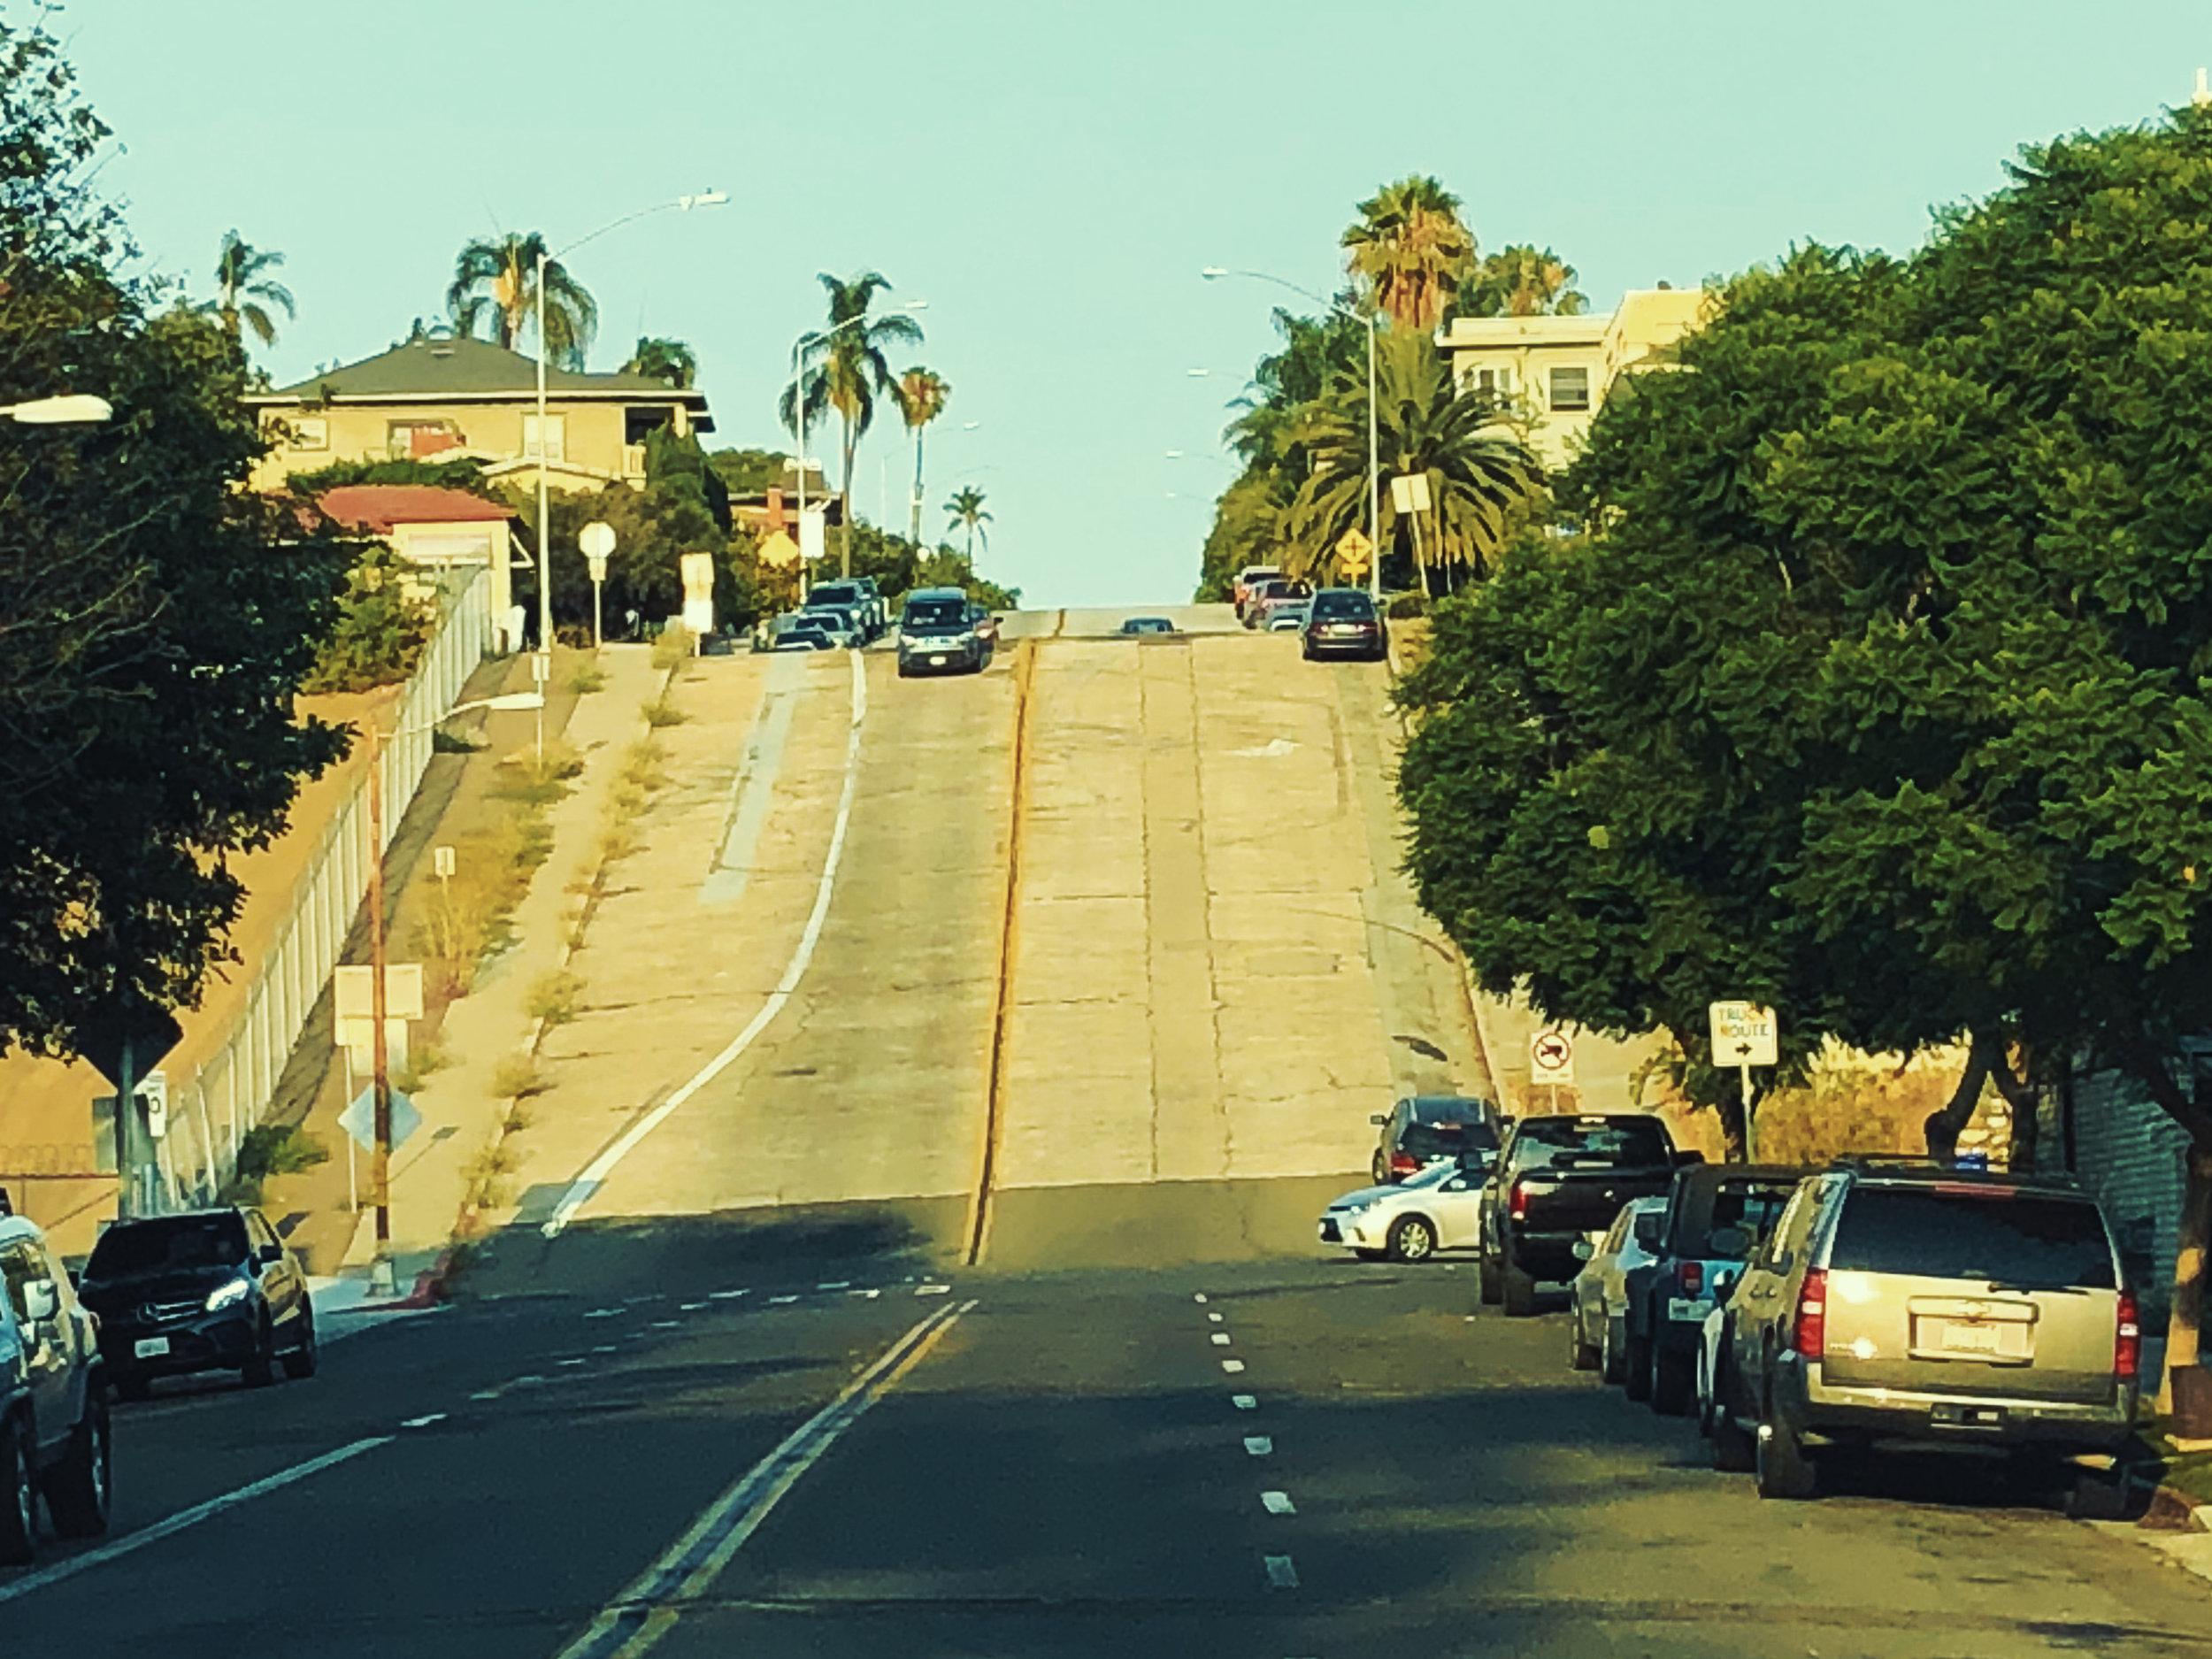 180814 B street hill bomb_4.jpg